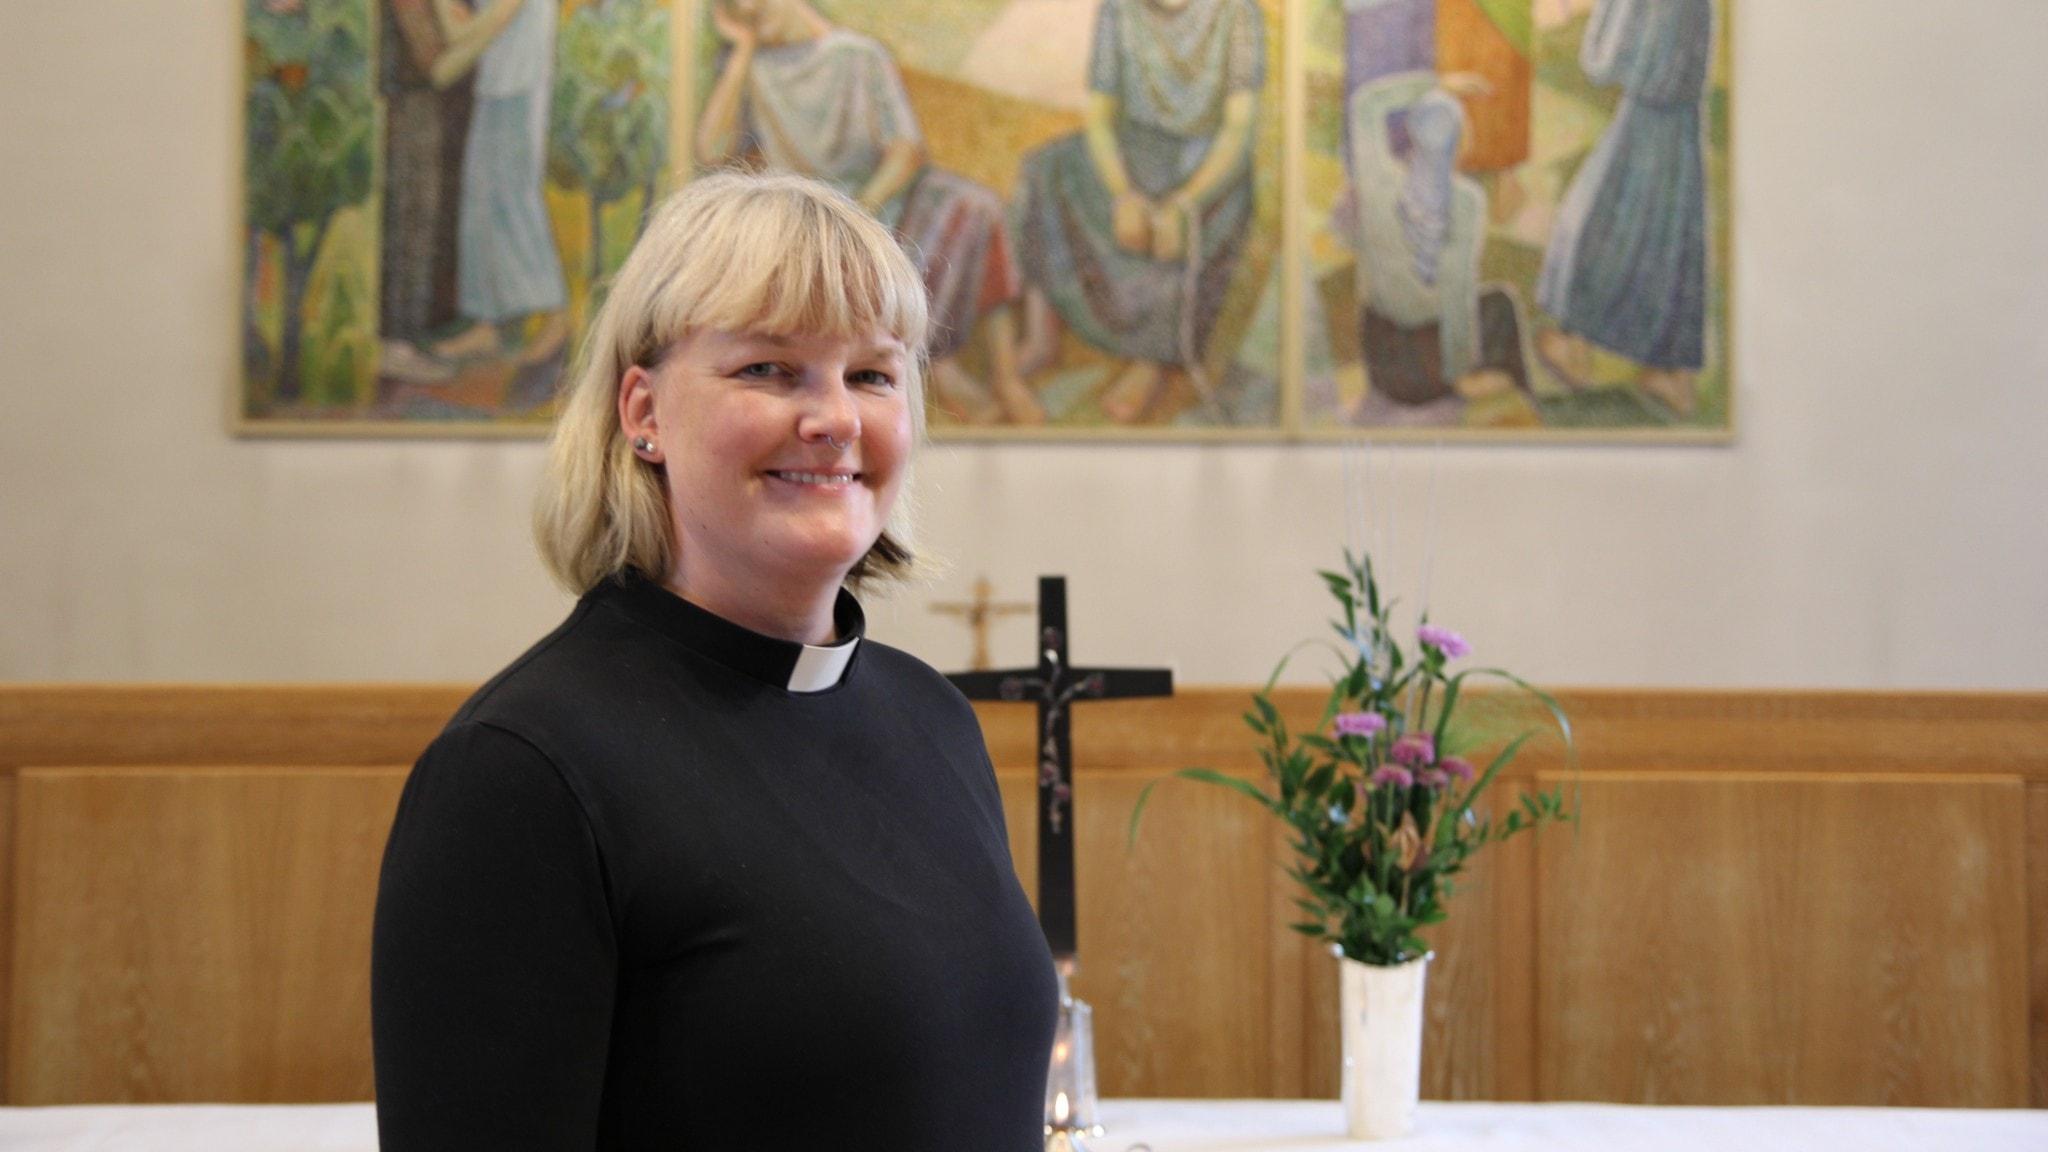 Kvinna i ljus page och svart prästskjorta står framför ett altare.